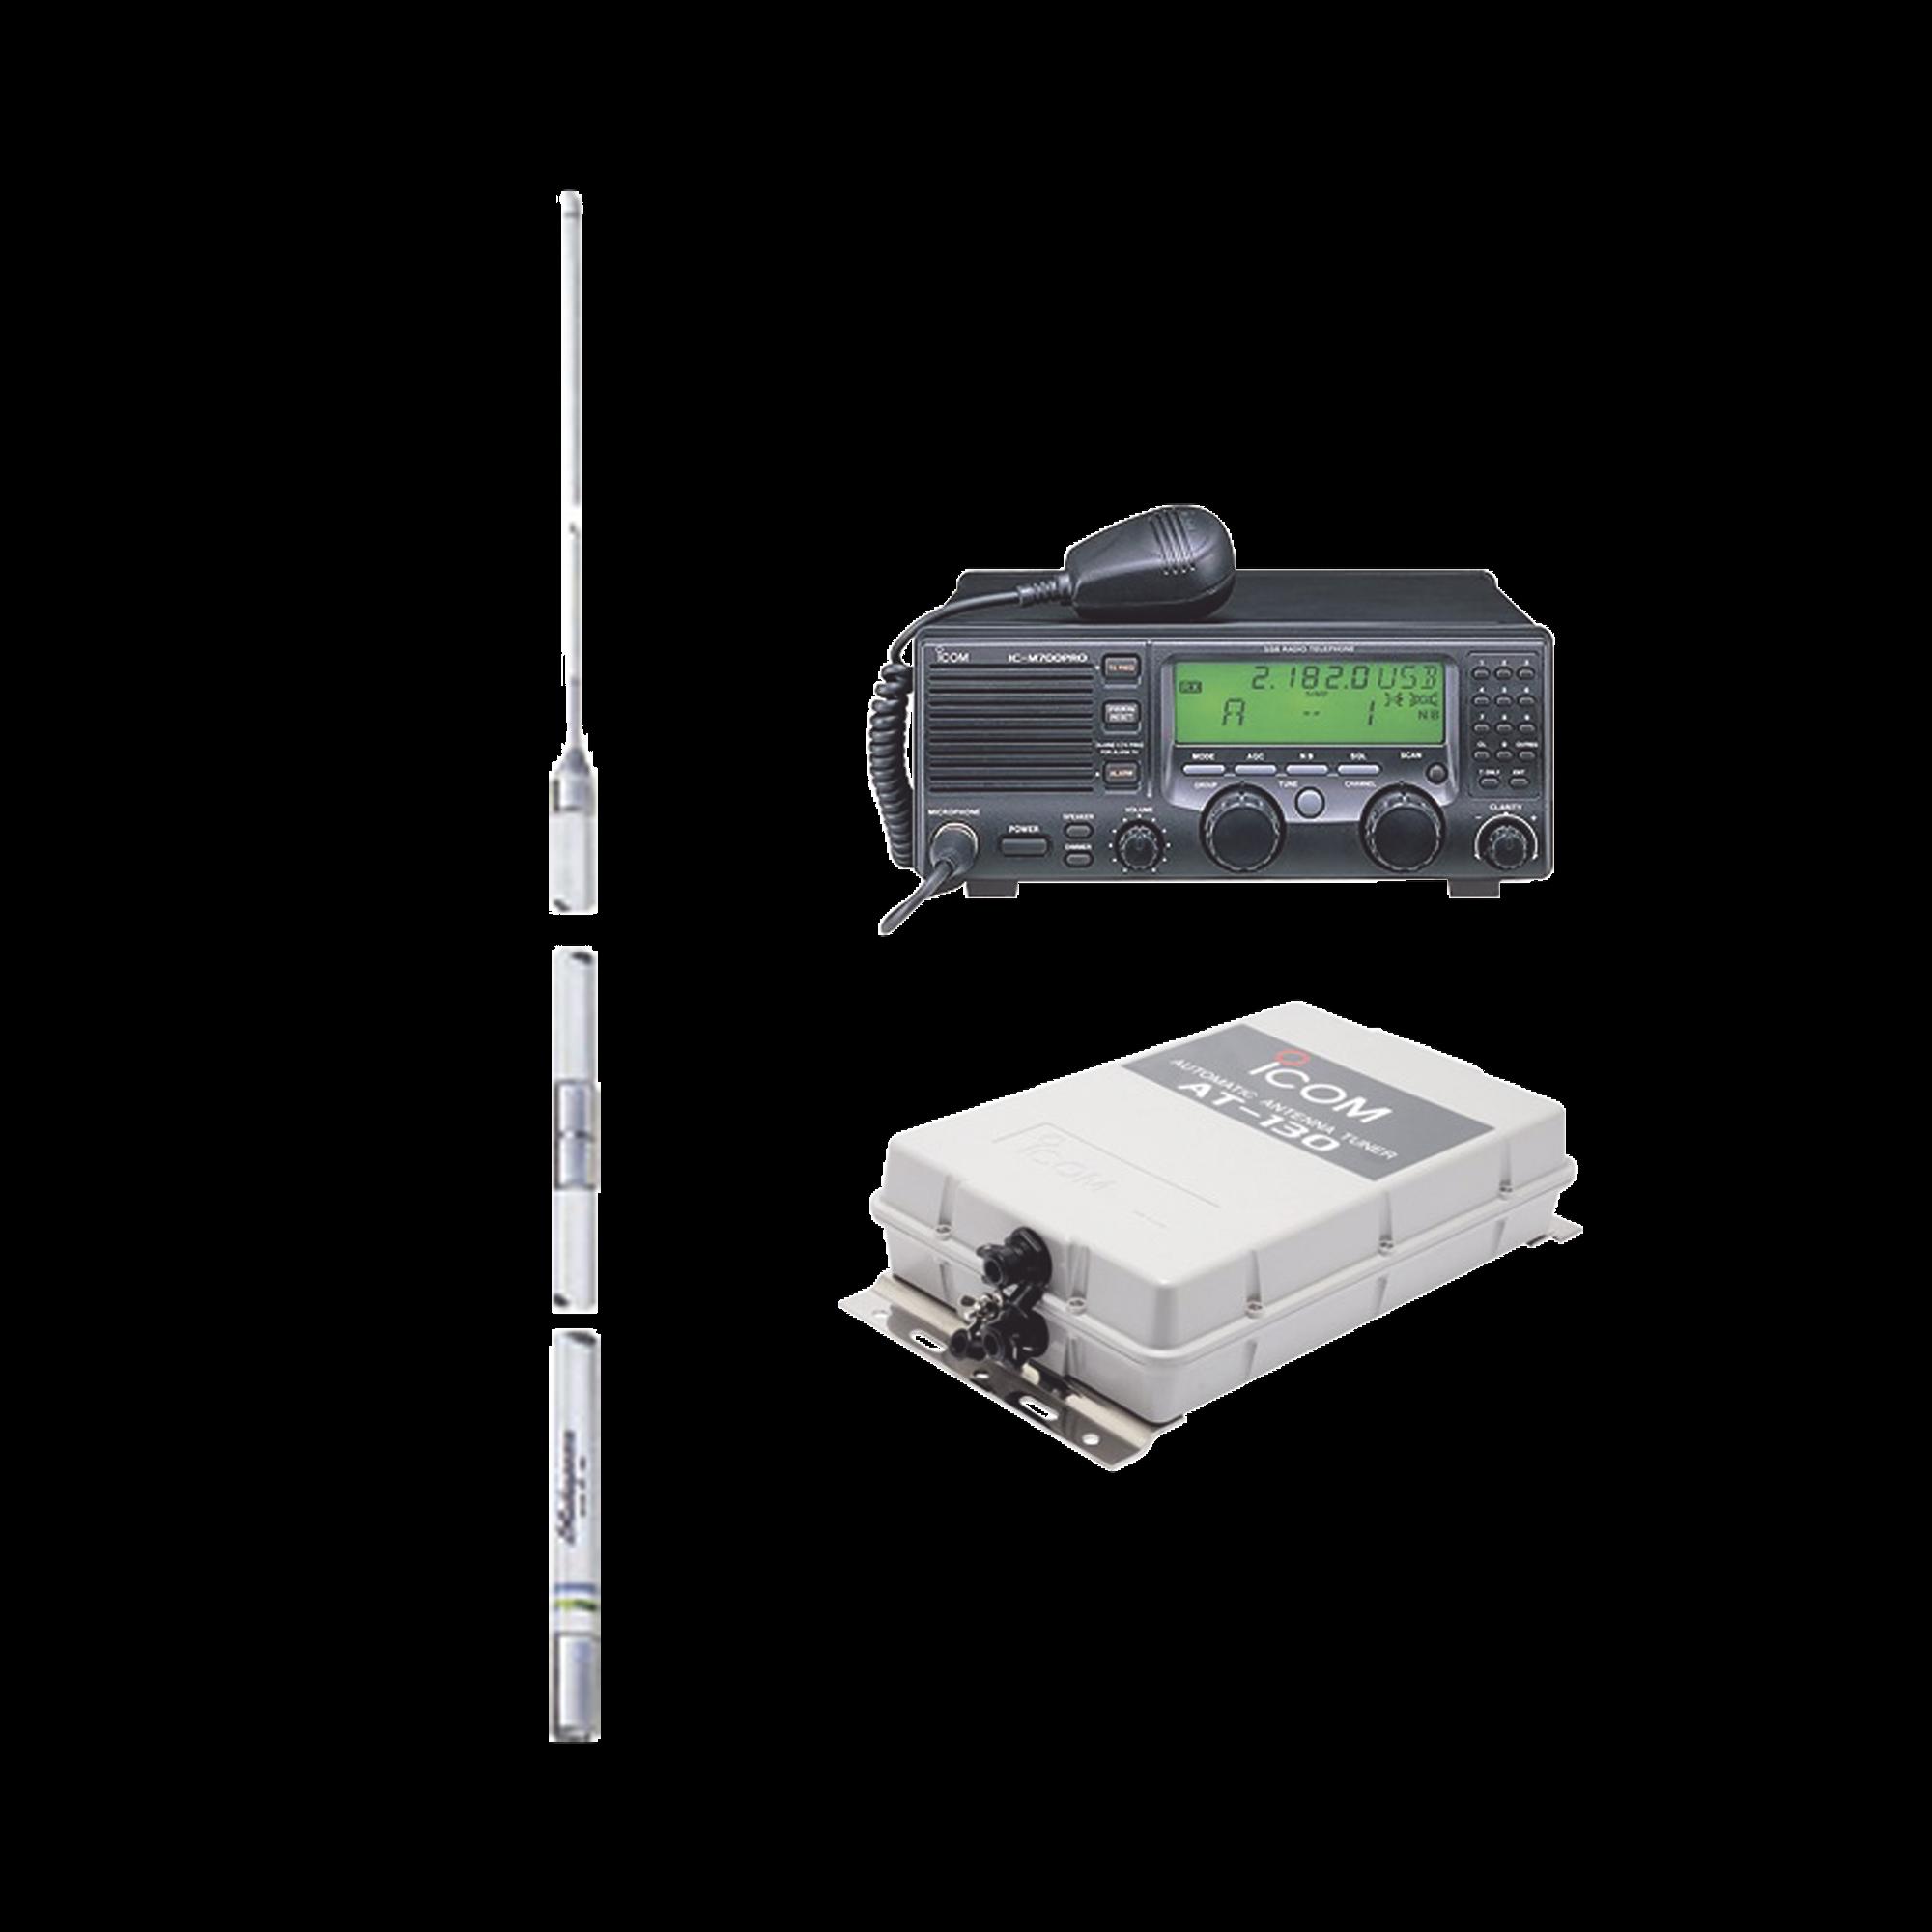 Kit de radio IC-M700pro con sintonizador de antena AT-130 y antena HF Shakespeare 393